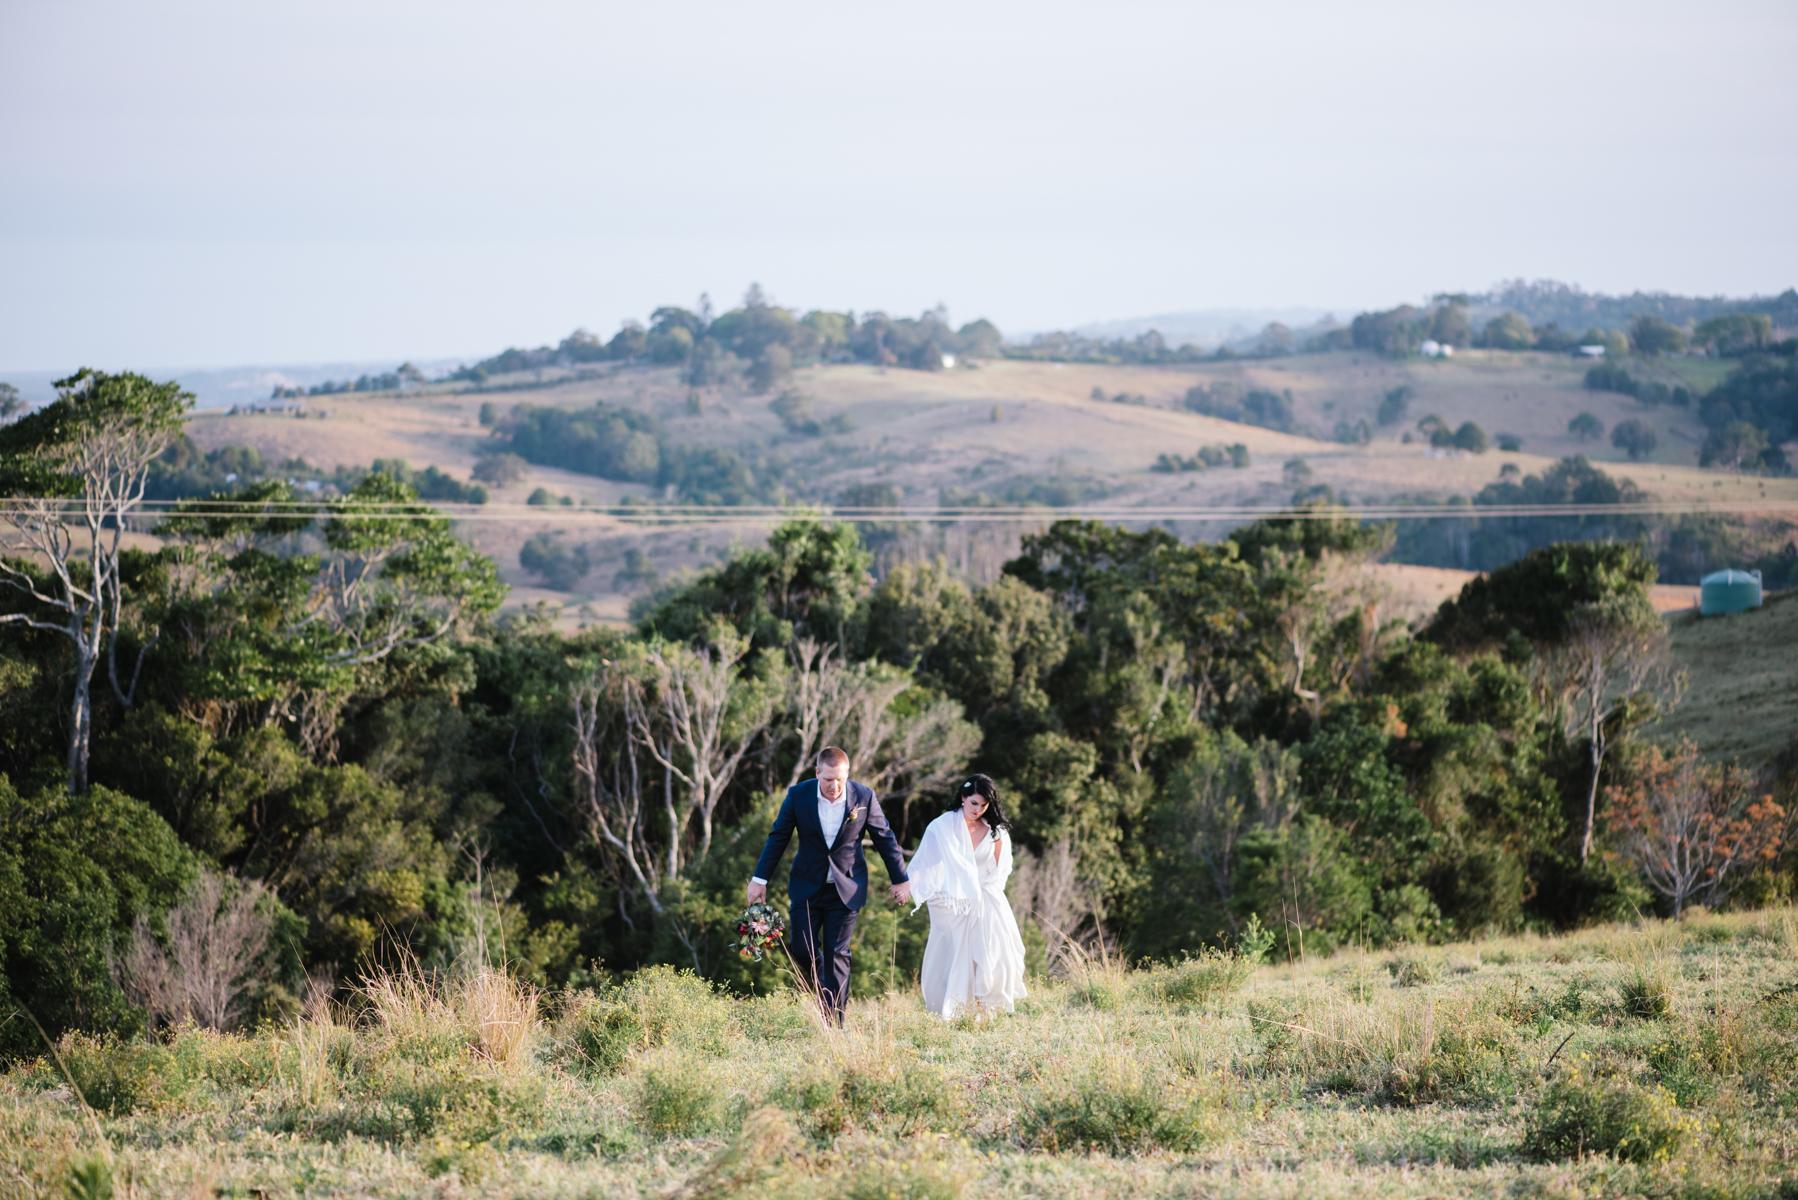 sarahandBenwedding- skyla sage photography weddings, families, byron bay,tweed coast,kingscliff,cabarita,gold coast-797.jpg